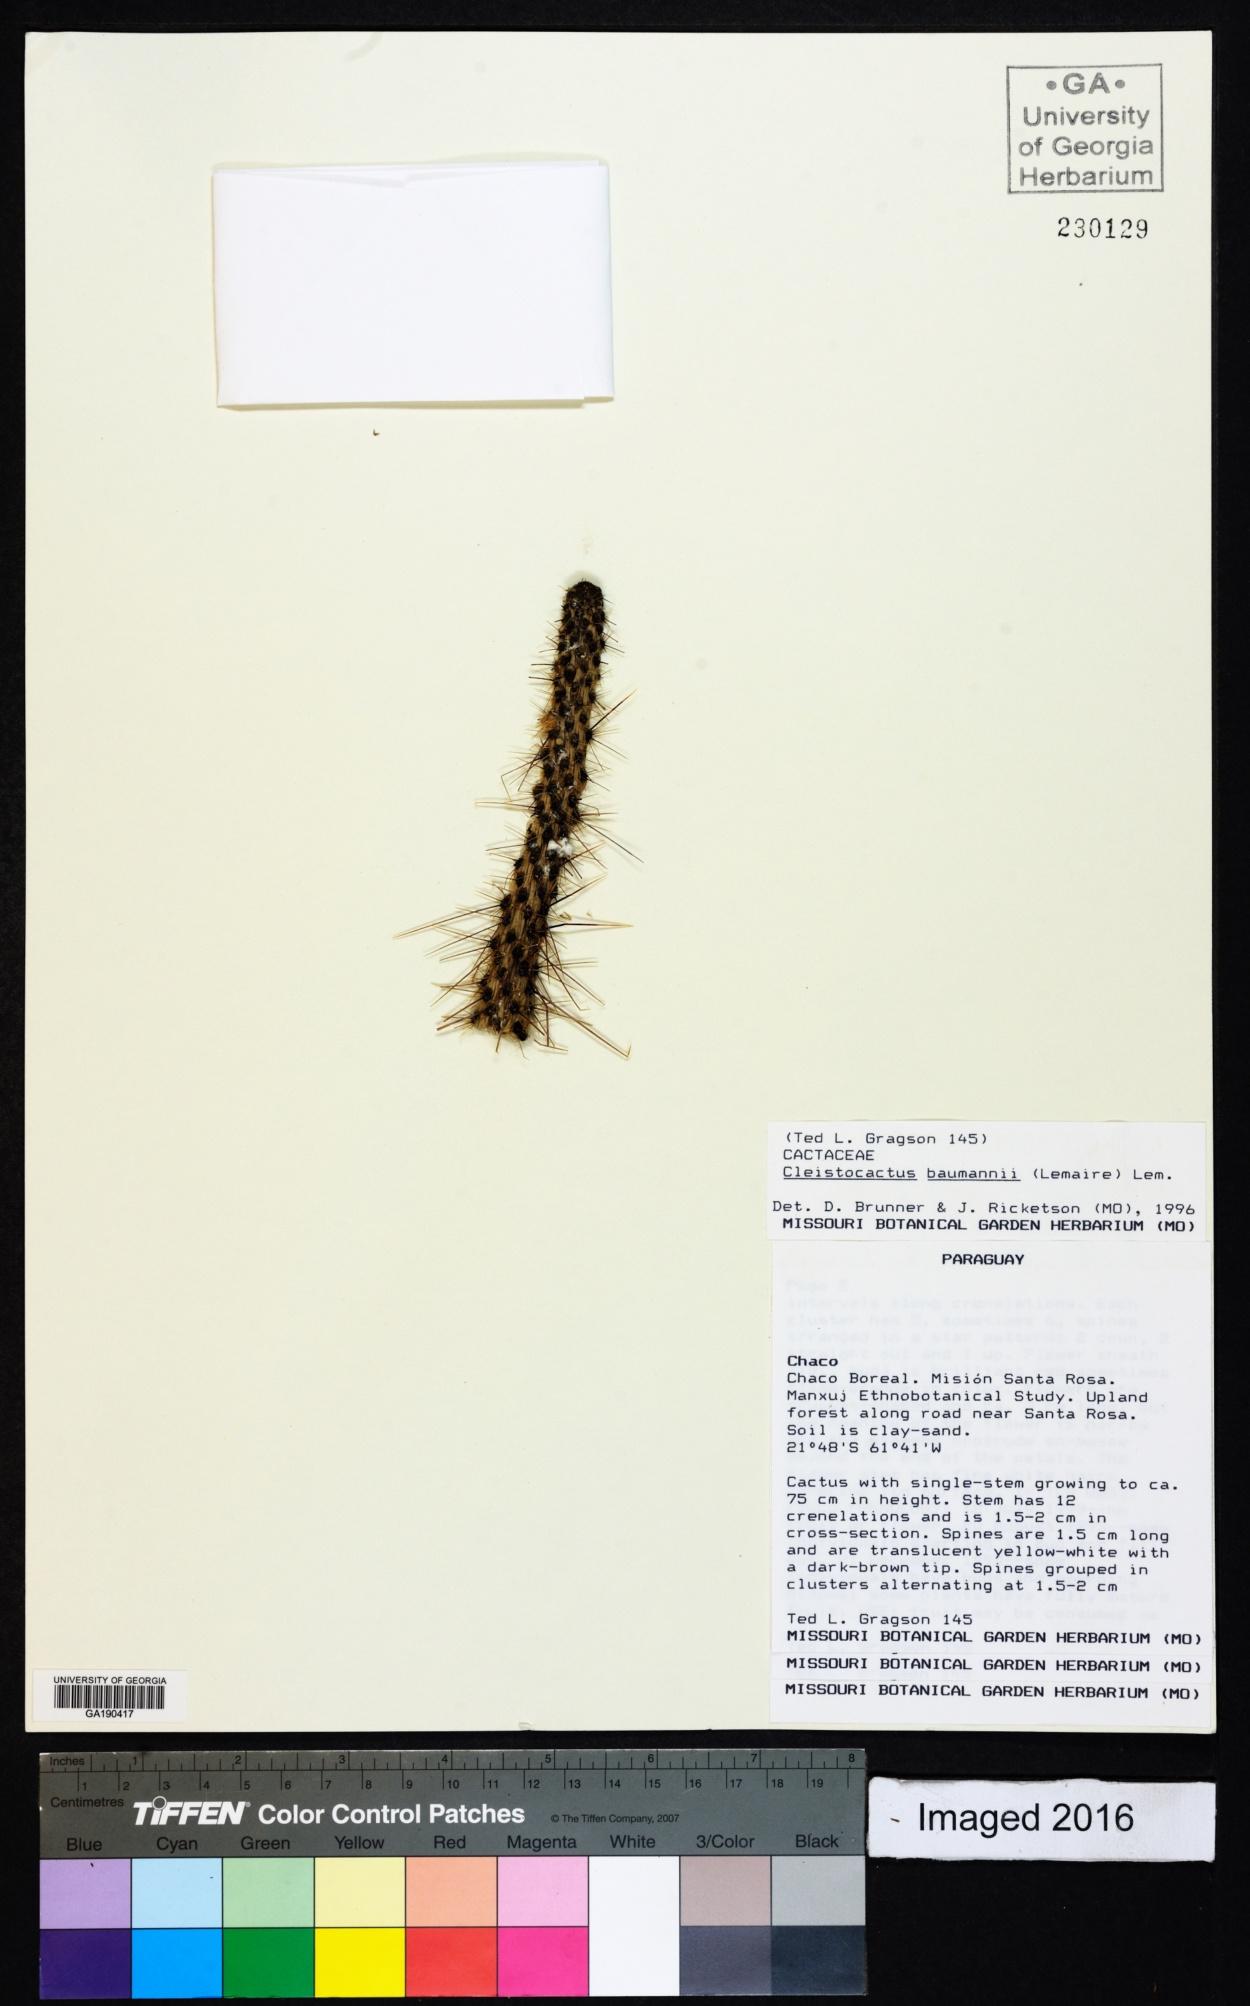 Cleistocactus baumannii image